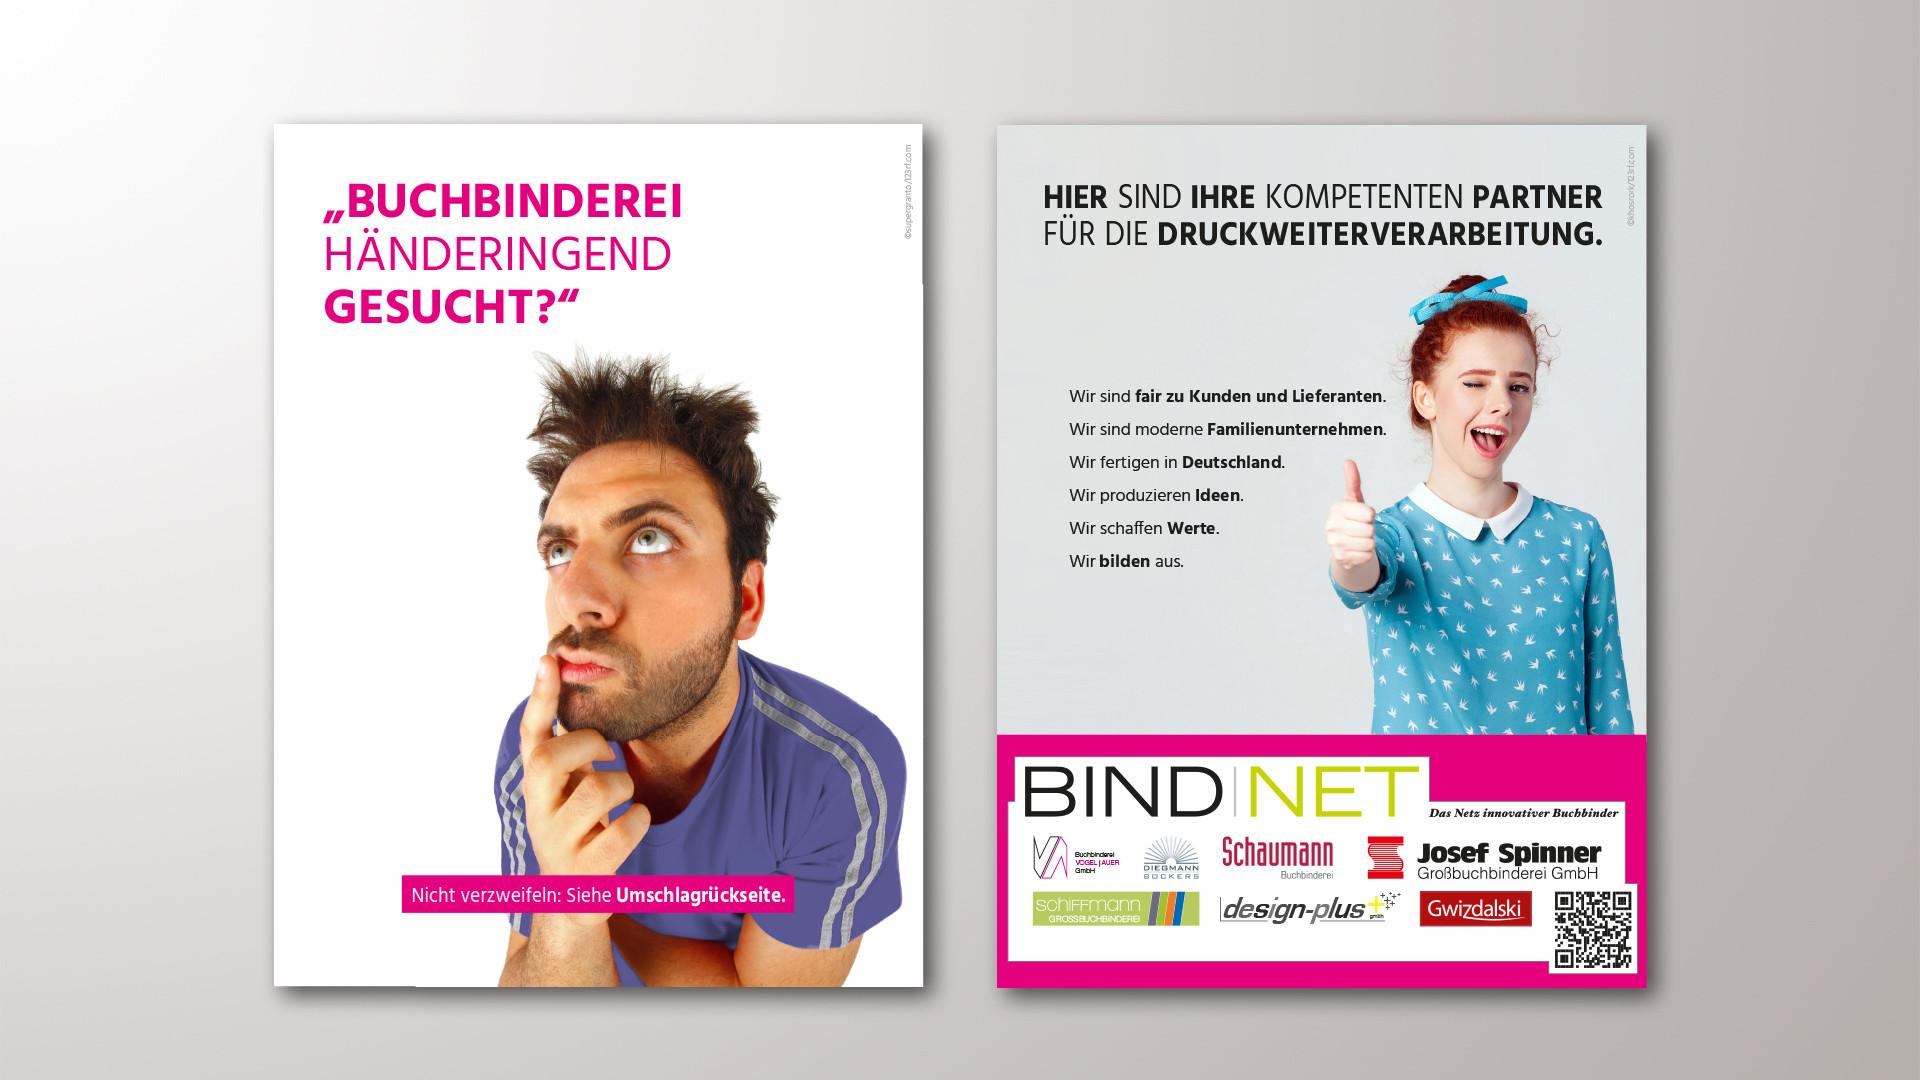 BindNet-Umschlaganzeigen